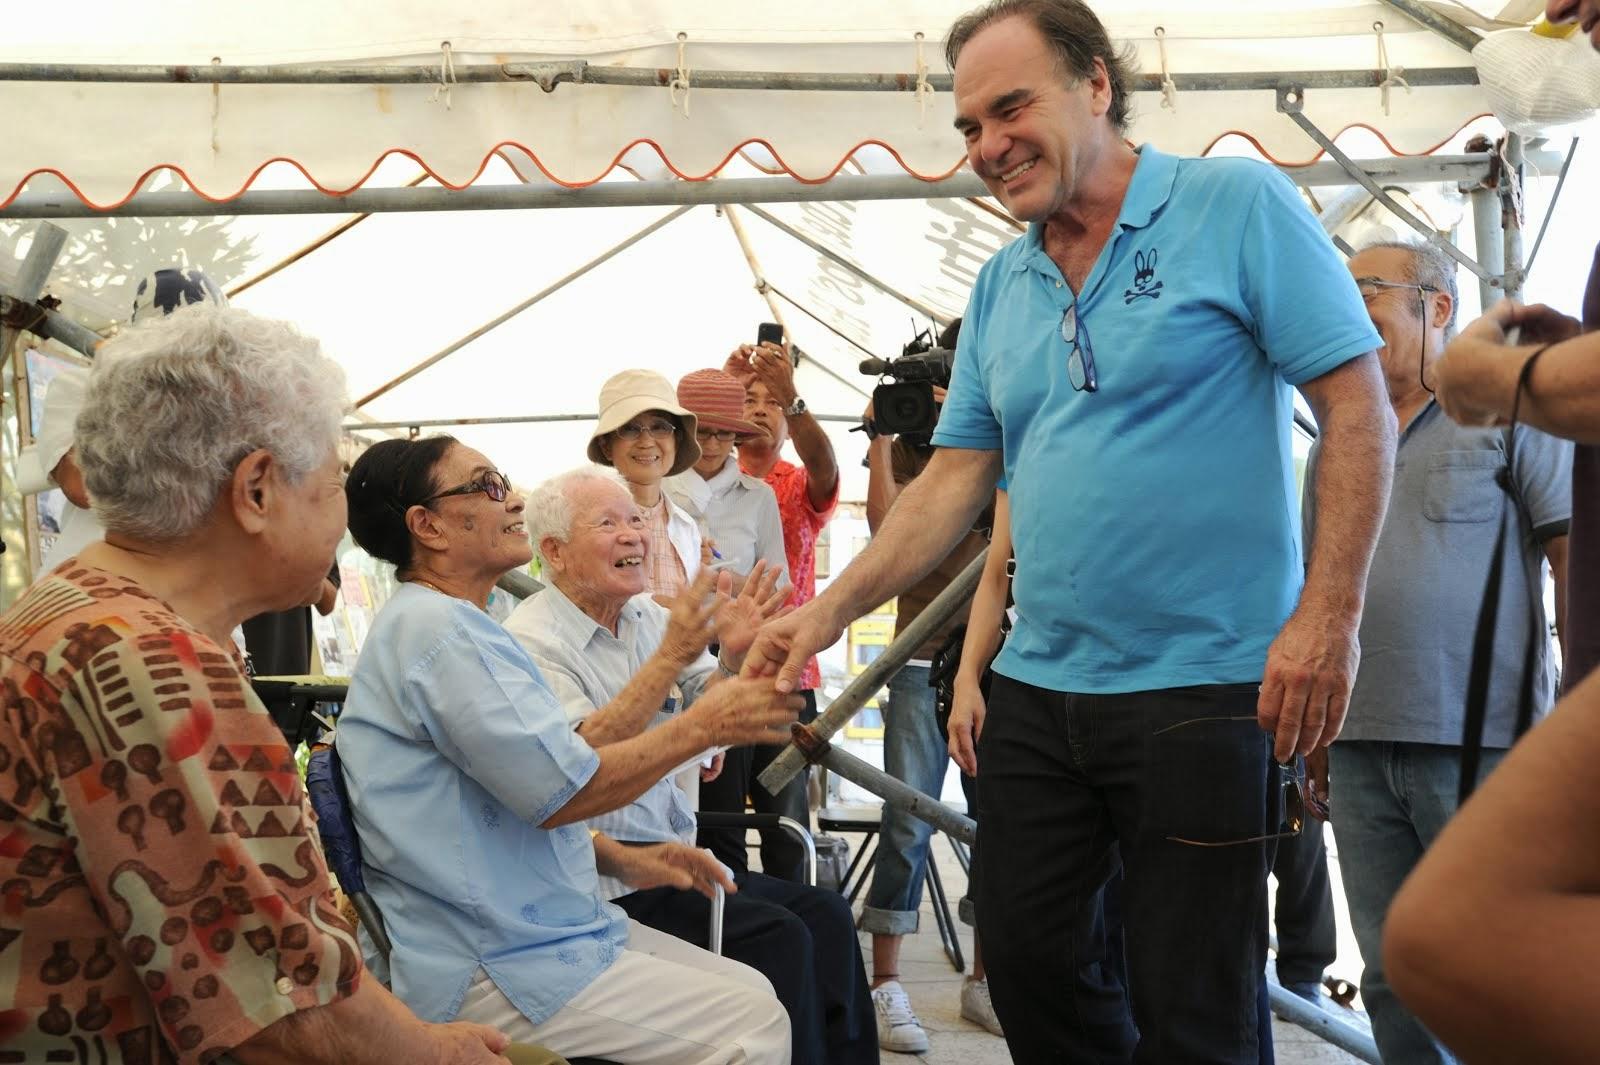 オバマ大統領と安倍首相に、辺野古新基地の断念と普天間の即刻返還を求める国際キャンペーンに署名してください(画像をクリック)